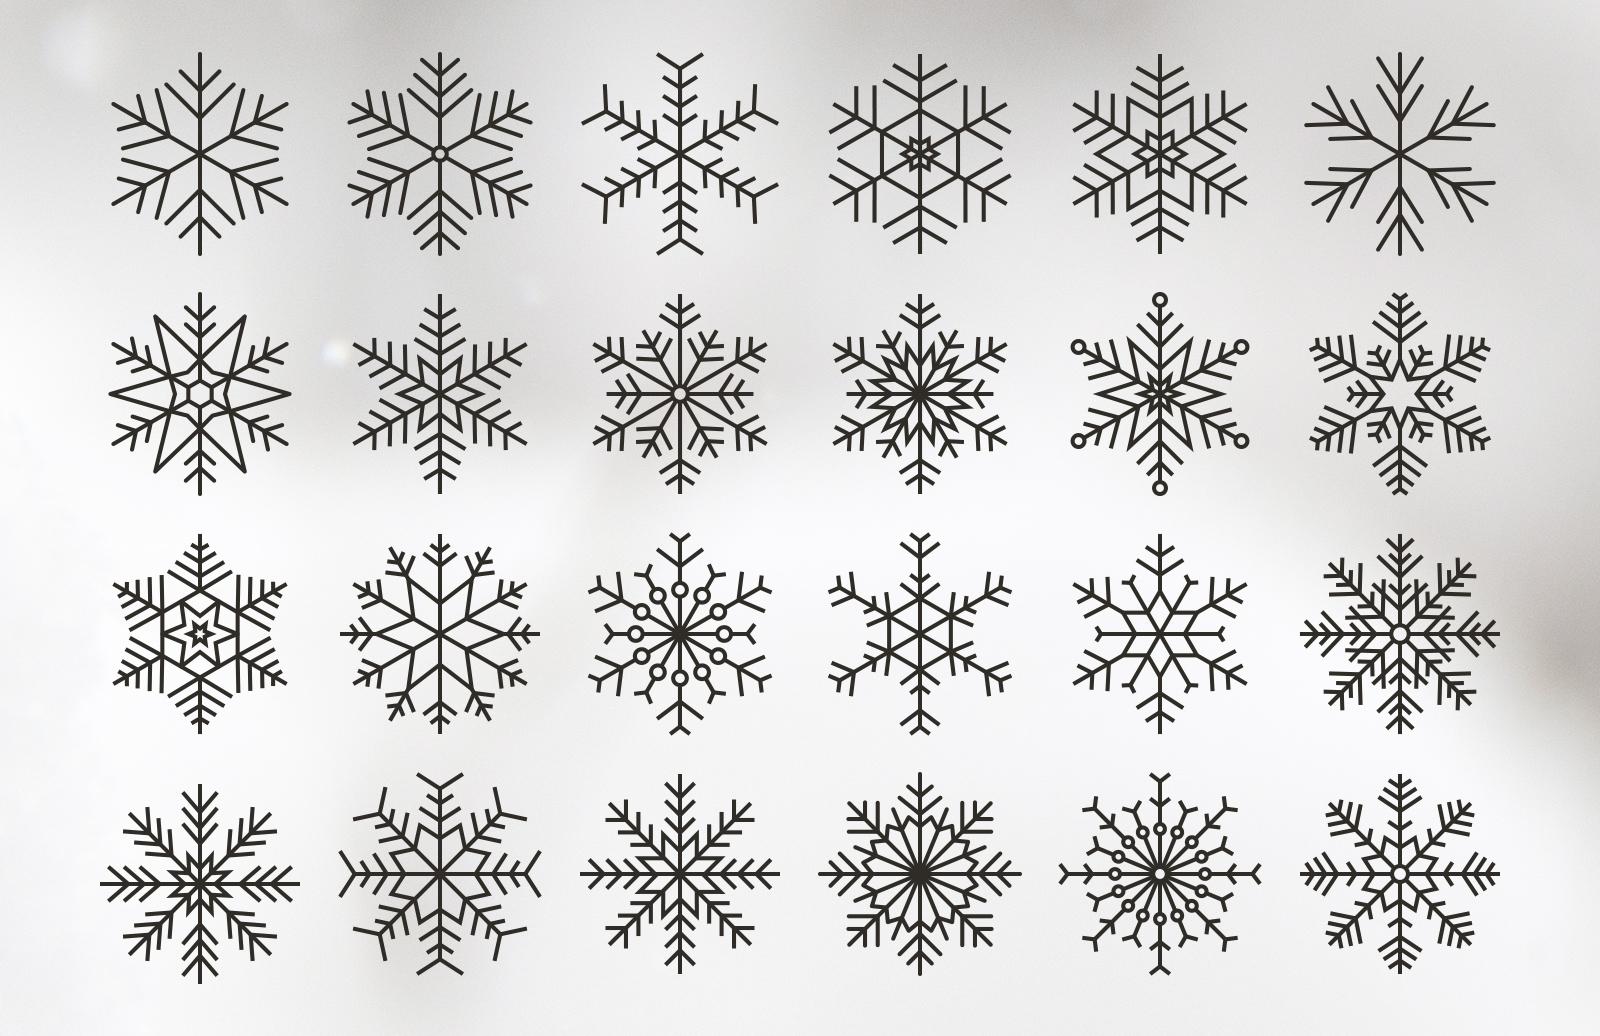 добавить снежинки на картинку автоматически изменяет фоновое